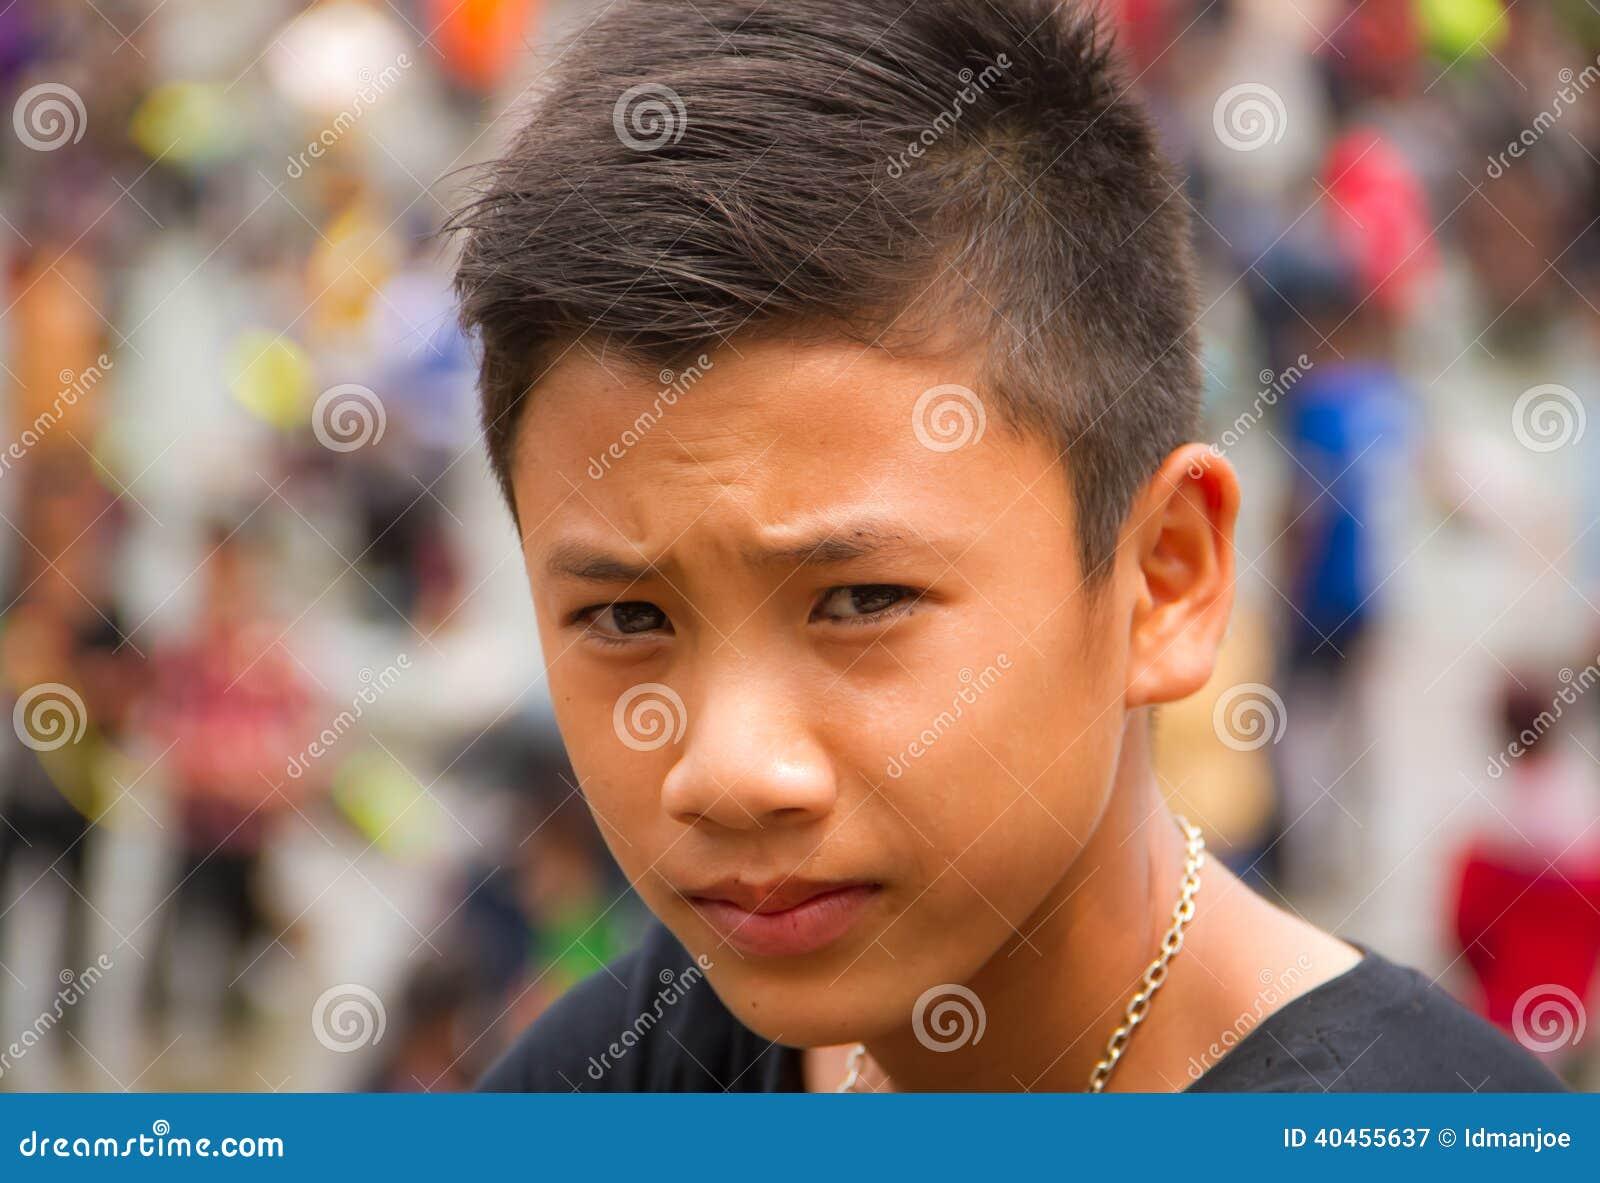 Asian boys are cute